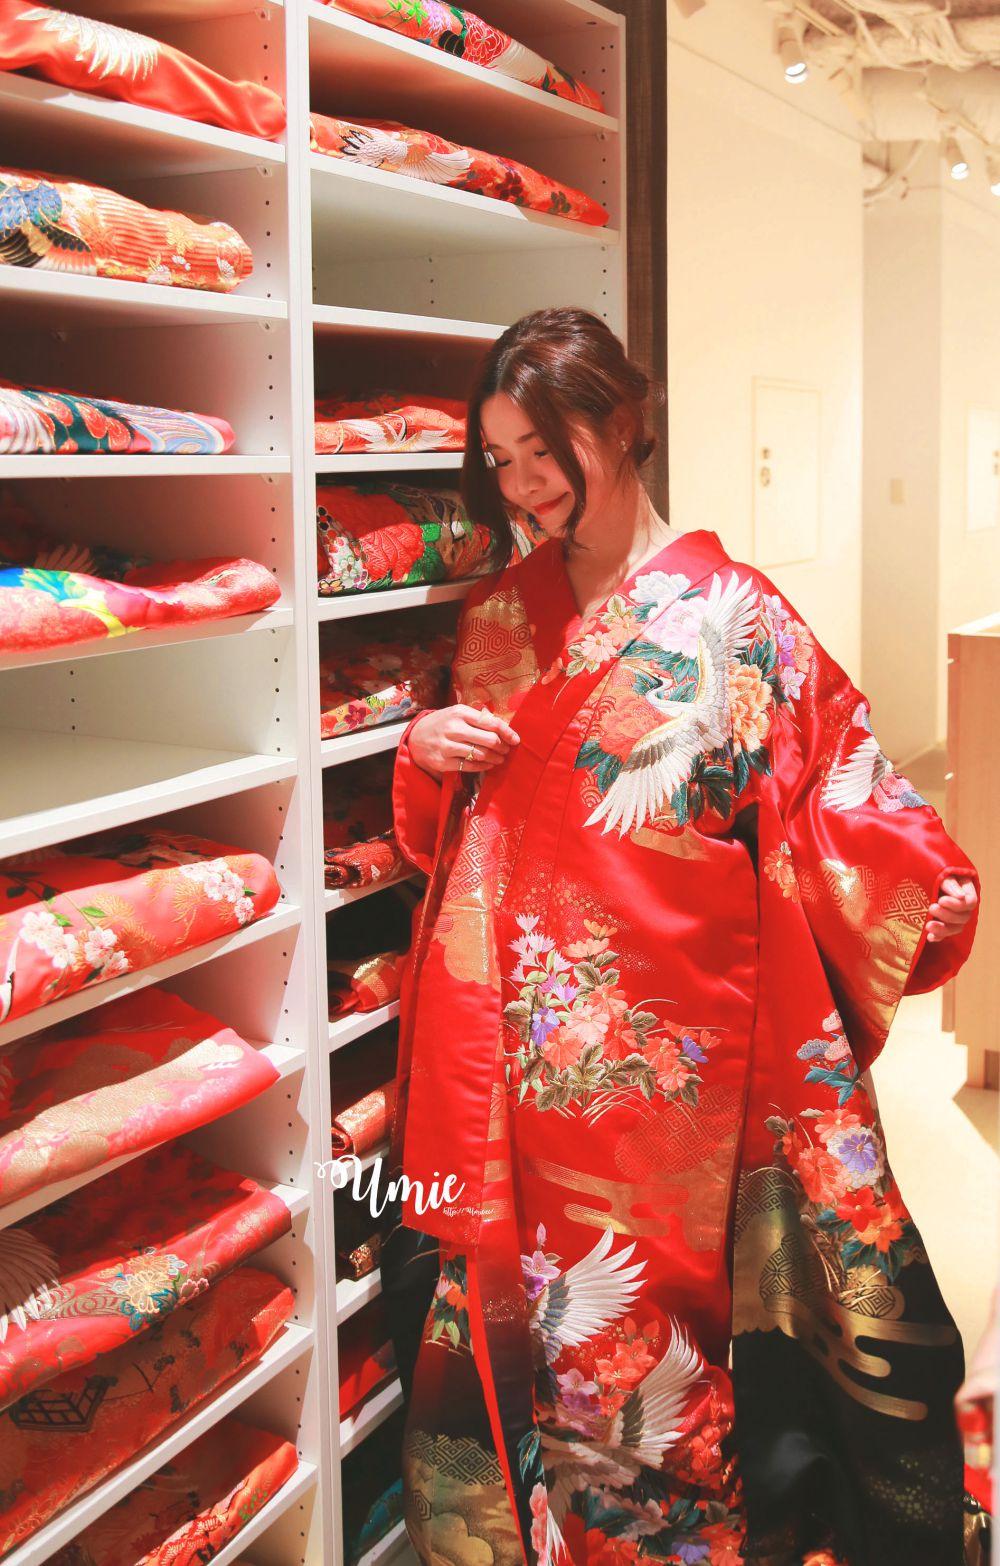 日本海外和服婚紗推薦 | 我們的富士山和服婚紗,日式色打掛婚紗 3 套試穿! (德可莉日本專業婚紗攝影 | Decollte Wedding Photography)